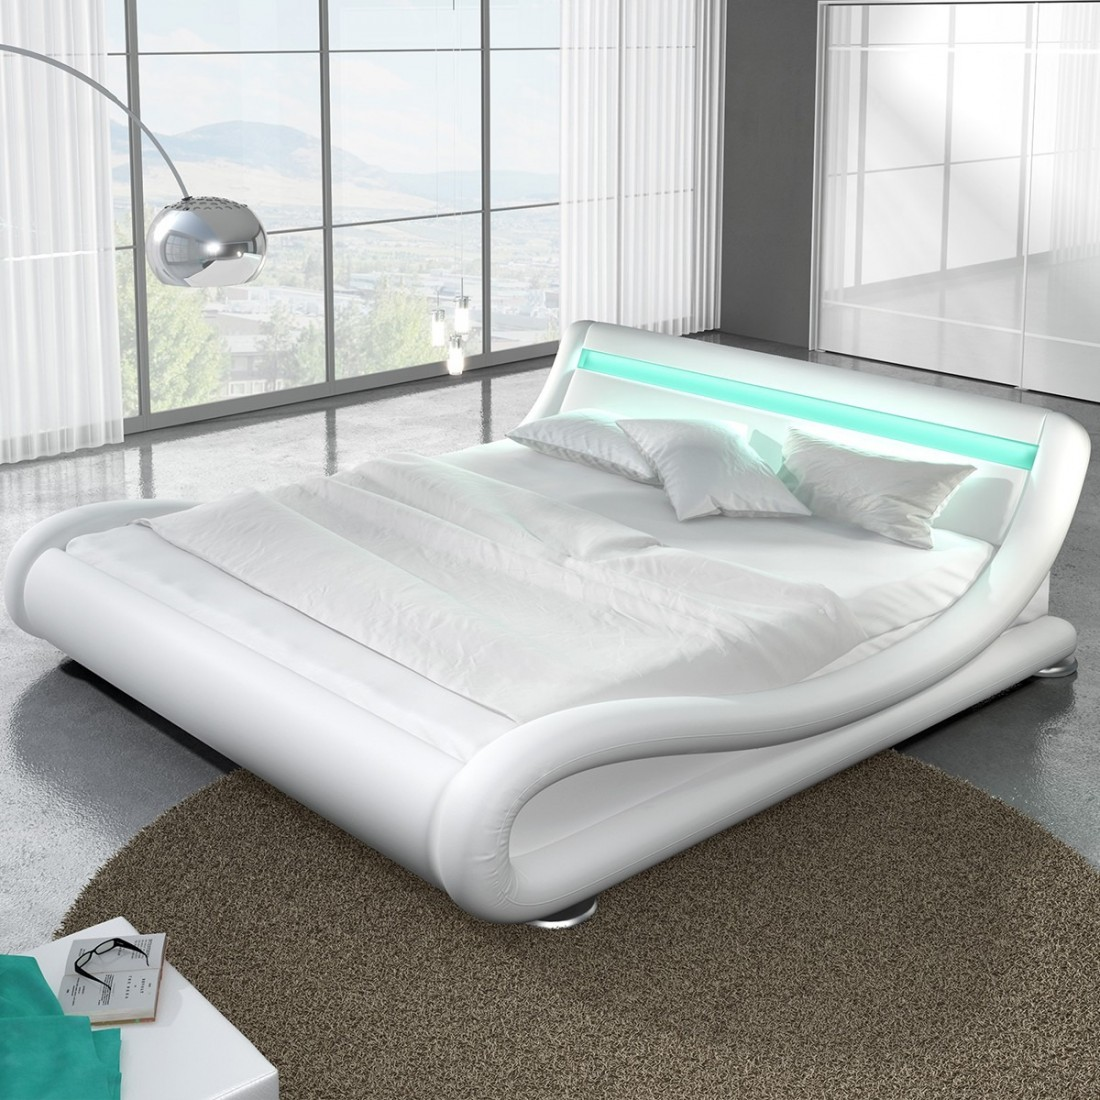 lit design led moderne avec sommier julia meublerdesign. Black Bedroom Furniture Sets. Home Design Ideas